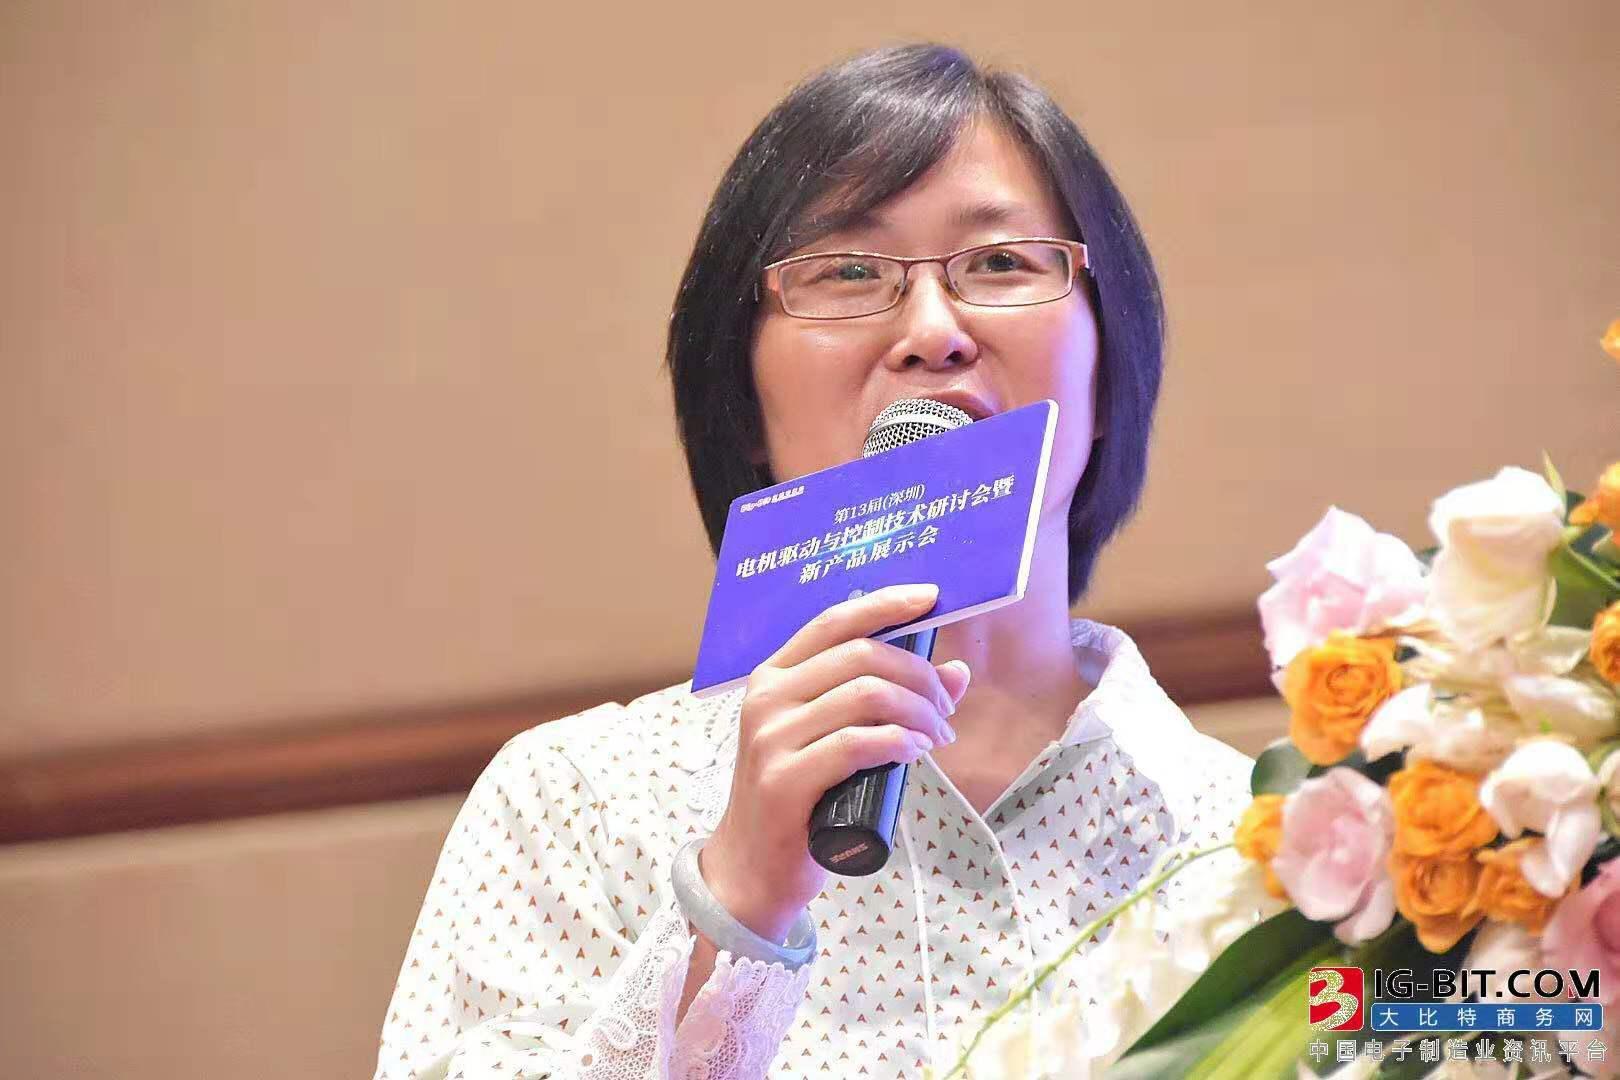 合肥工业大学电气与自动化工程学院教授李红梅